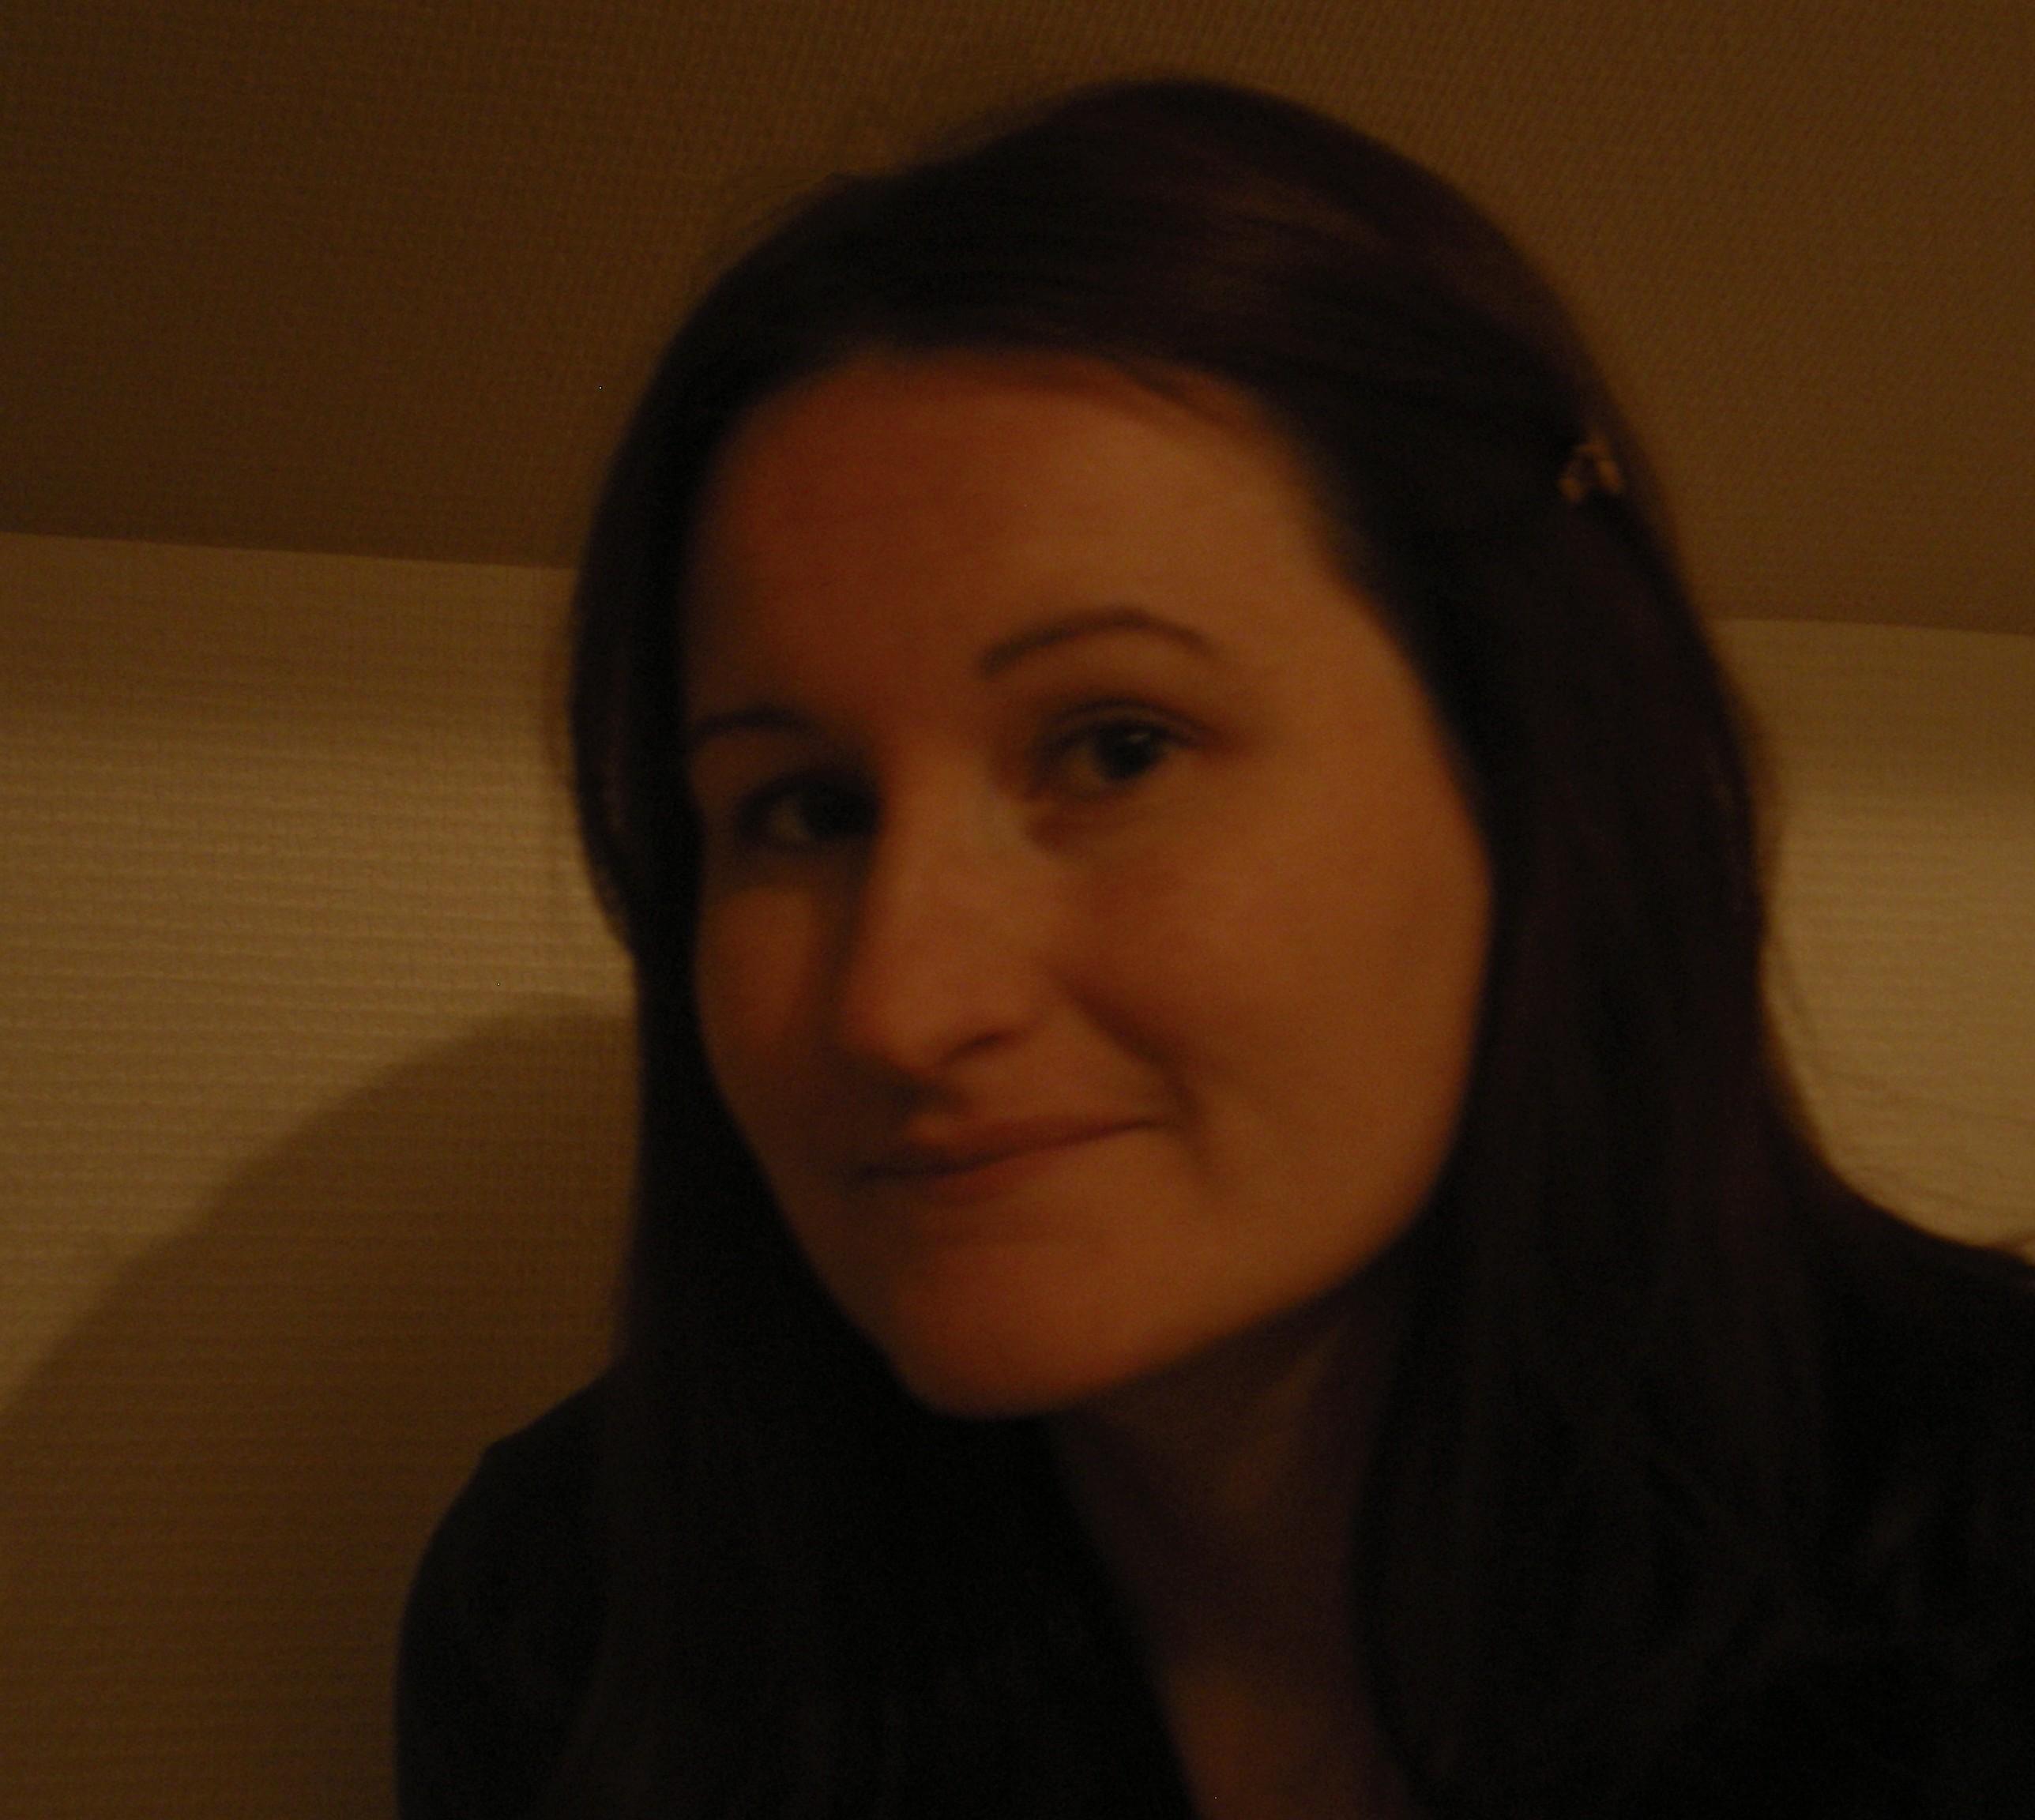 Bienvenue à Mademoiselle Charlie, future mariée de juin 2012